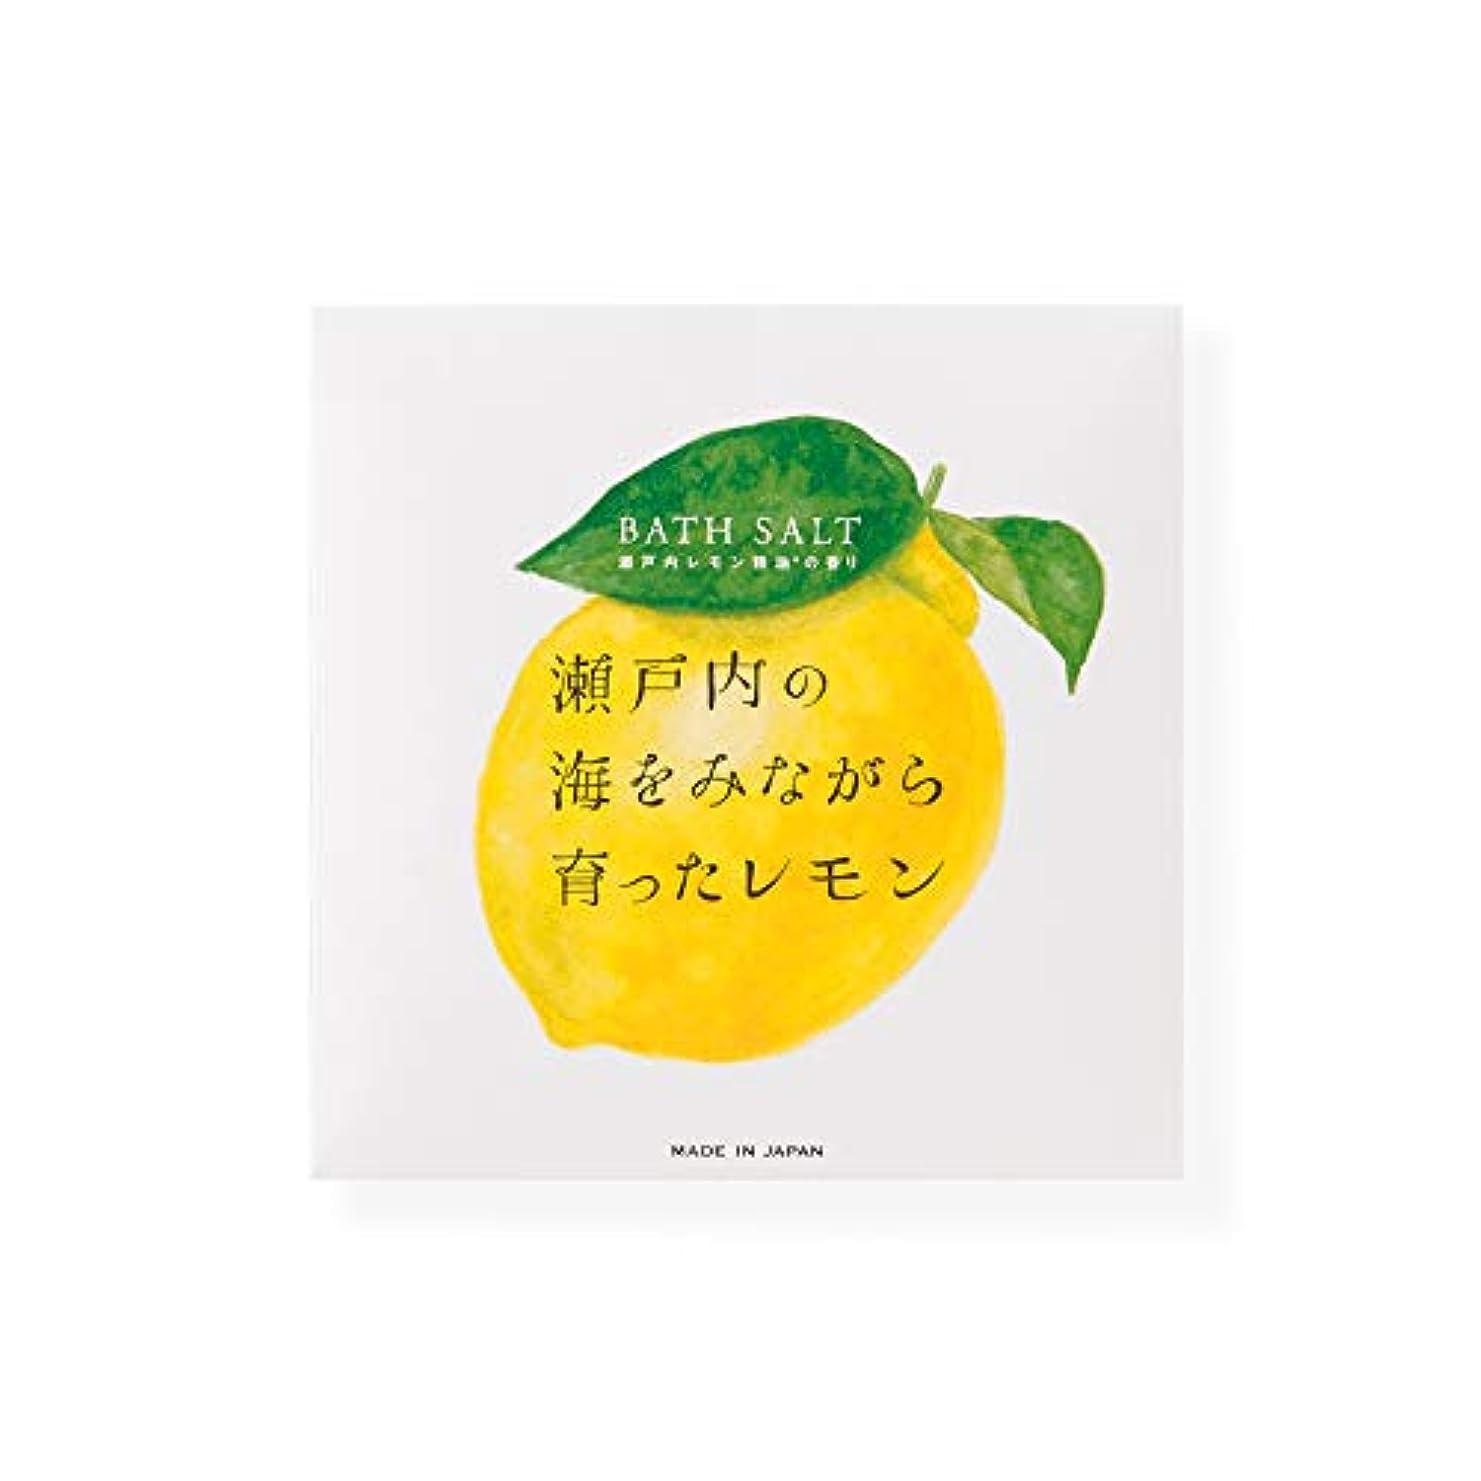 ムスタチオ芝生カート瀬戸内レモン アロマバスソルト